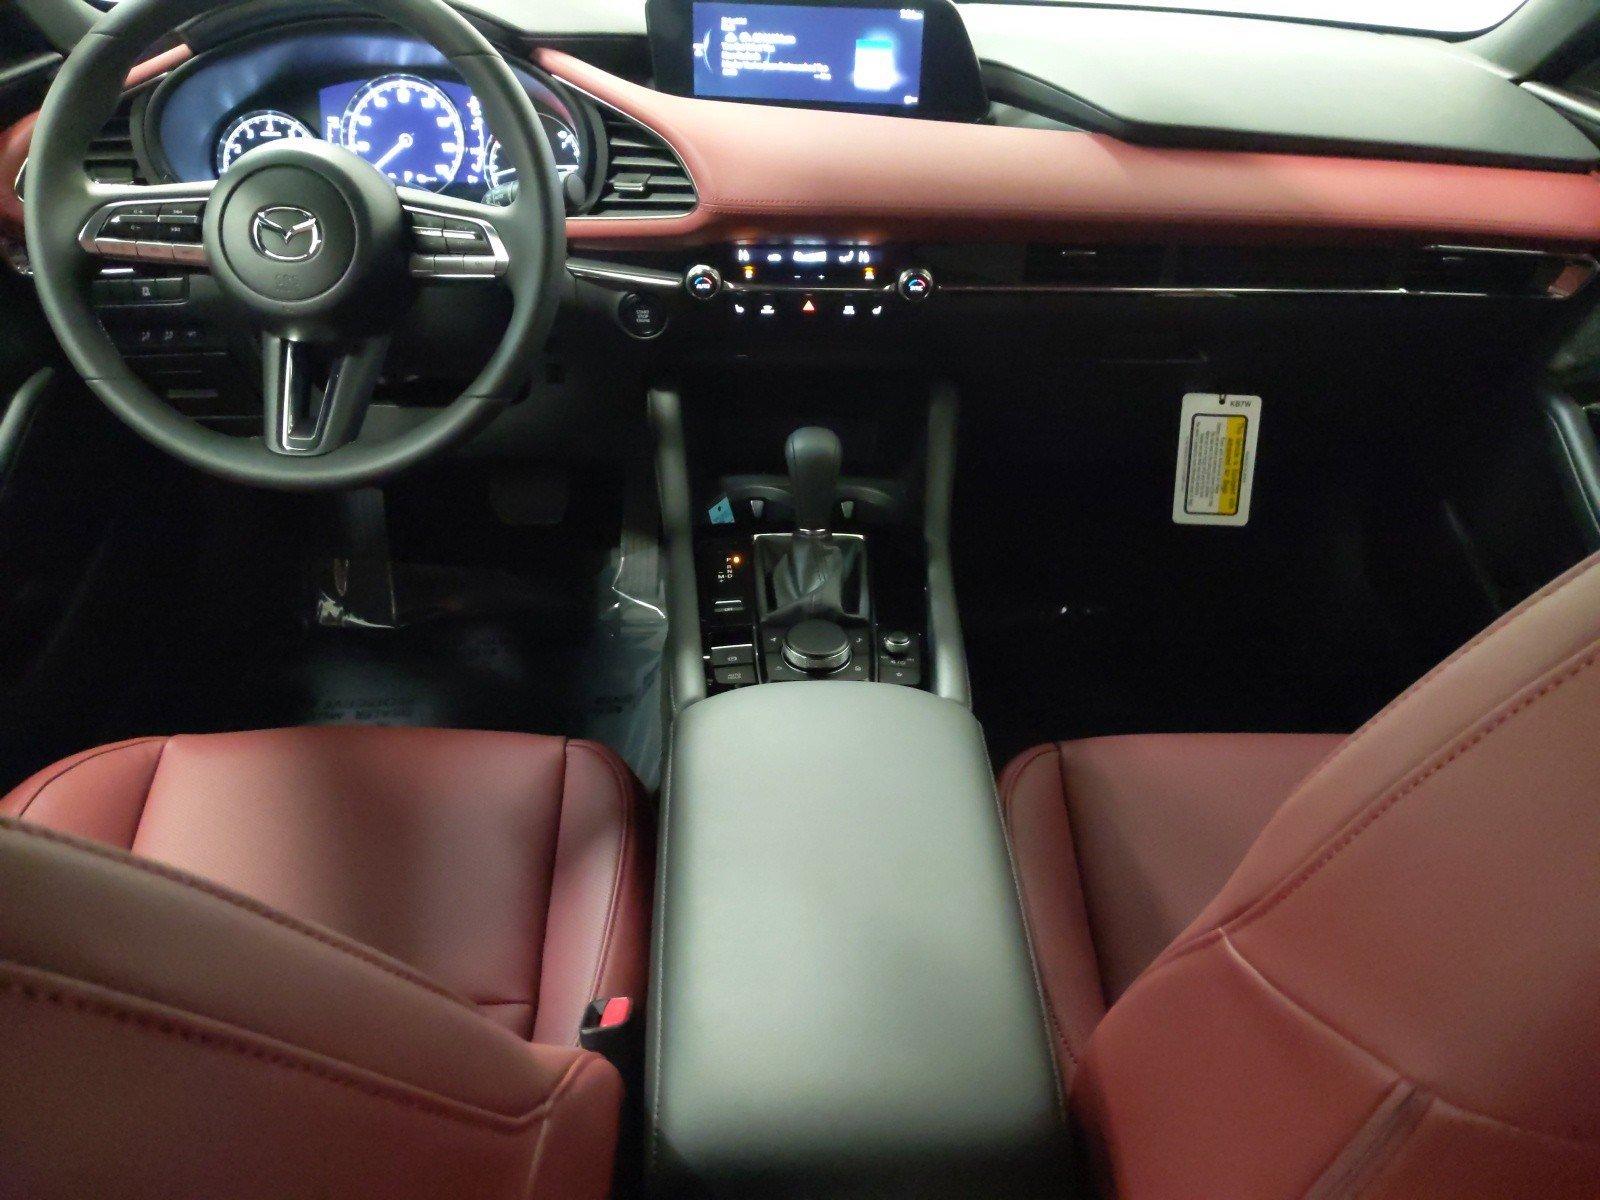 New 2020 Mazda Mazda3 Hatchback w/Premium Pkg Hatchback for sale in Lincoln NE